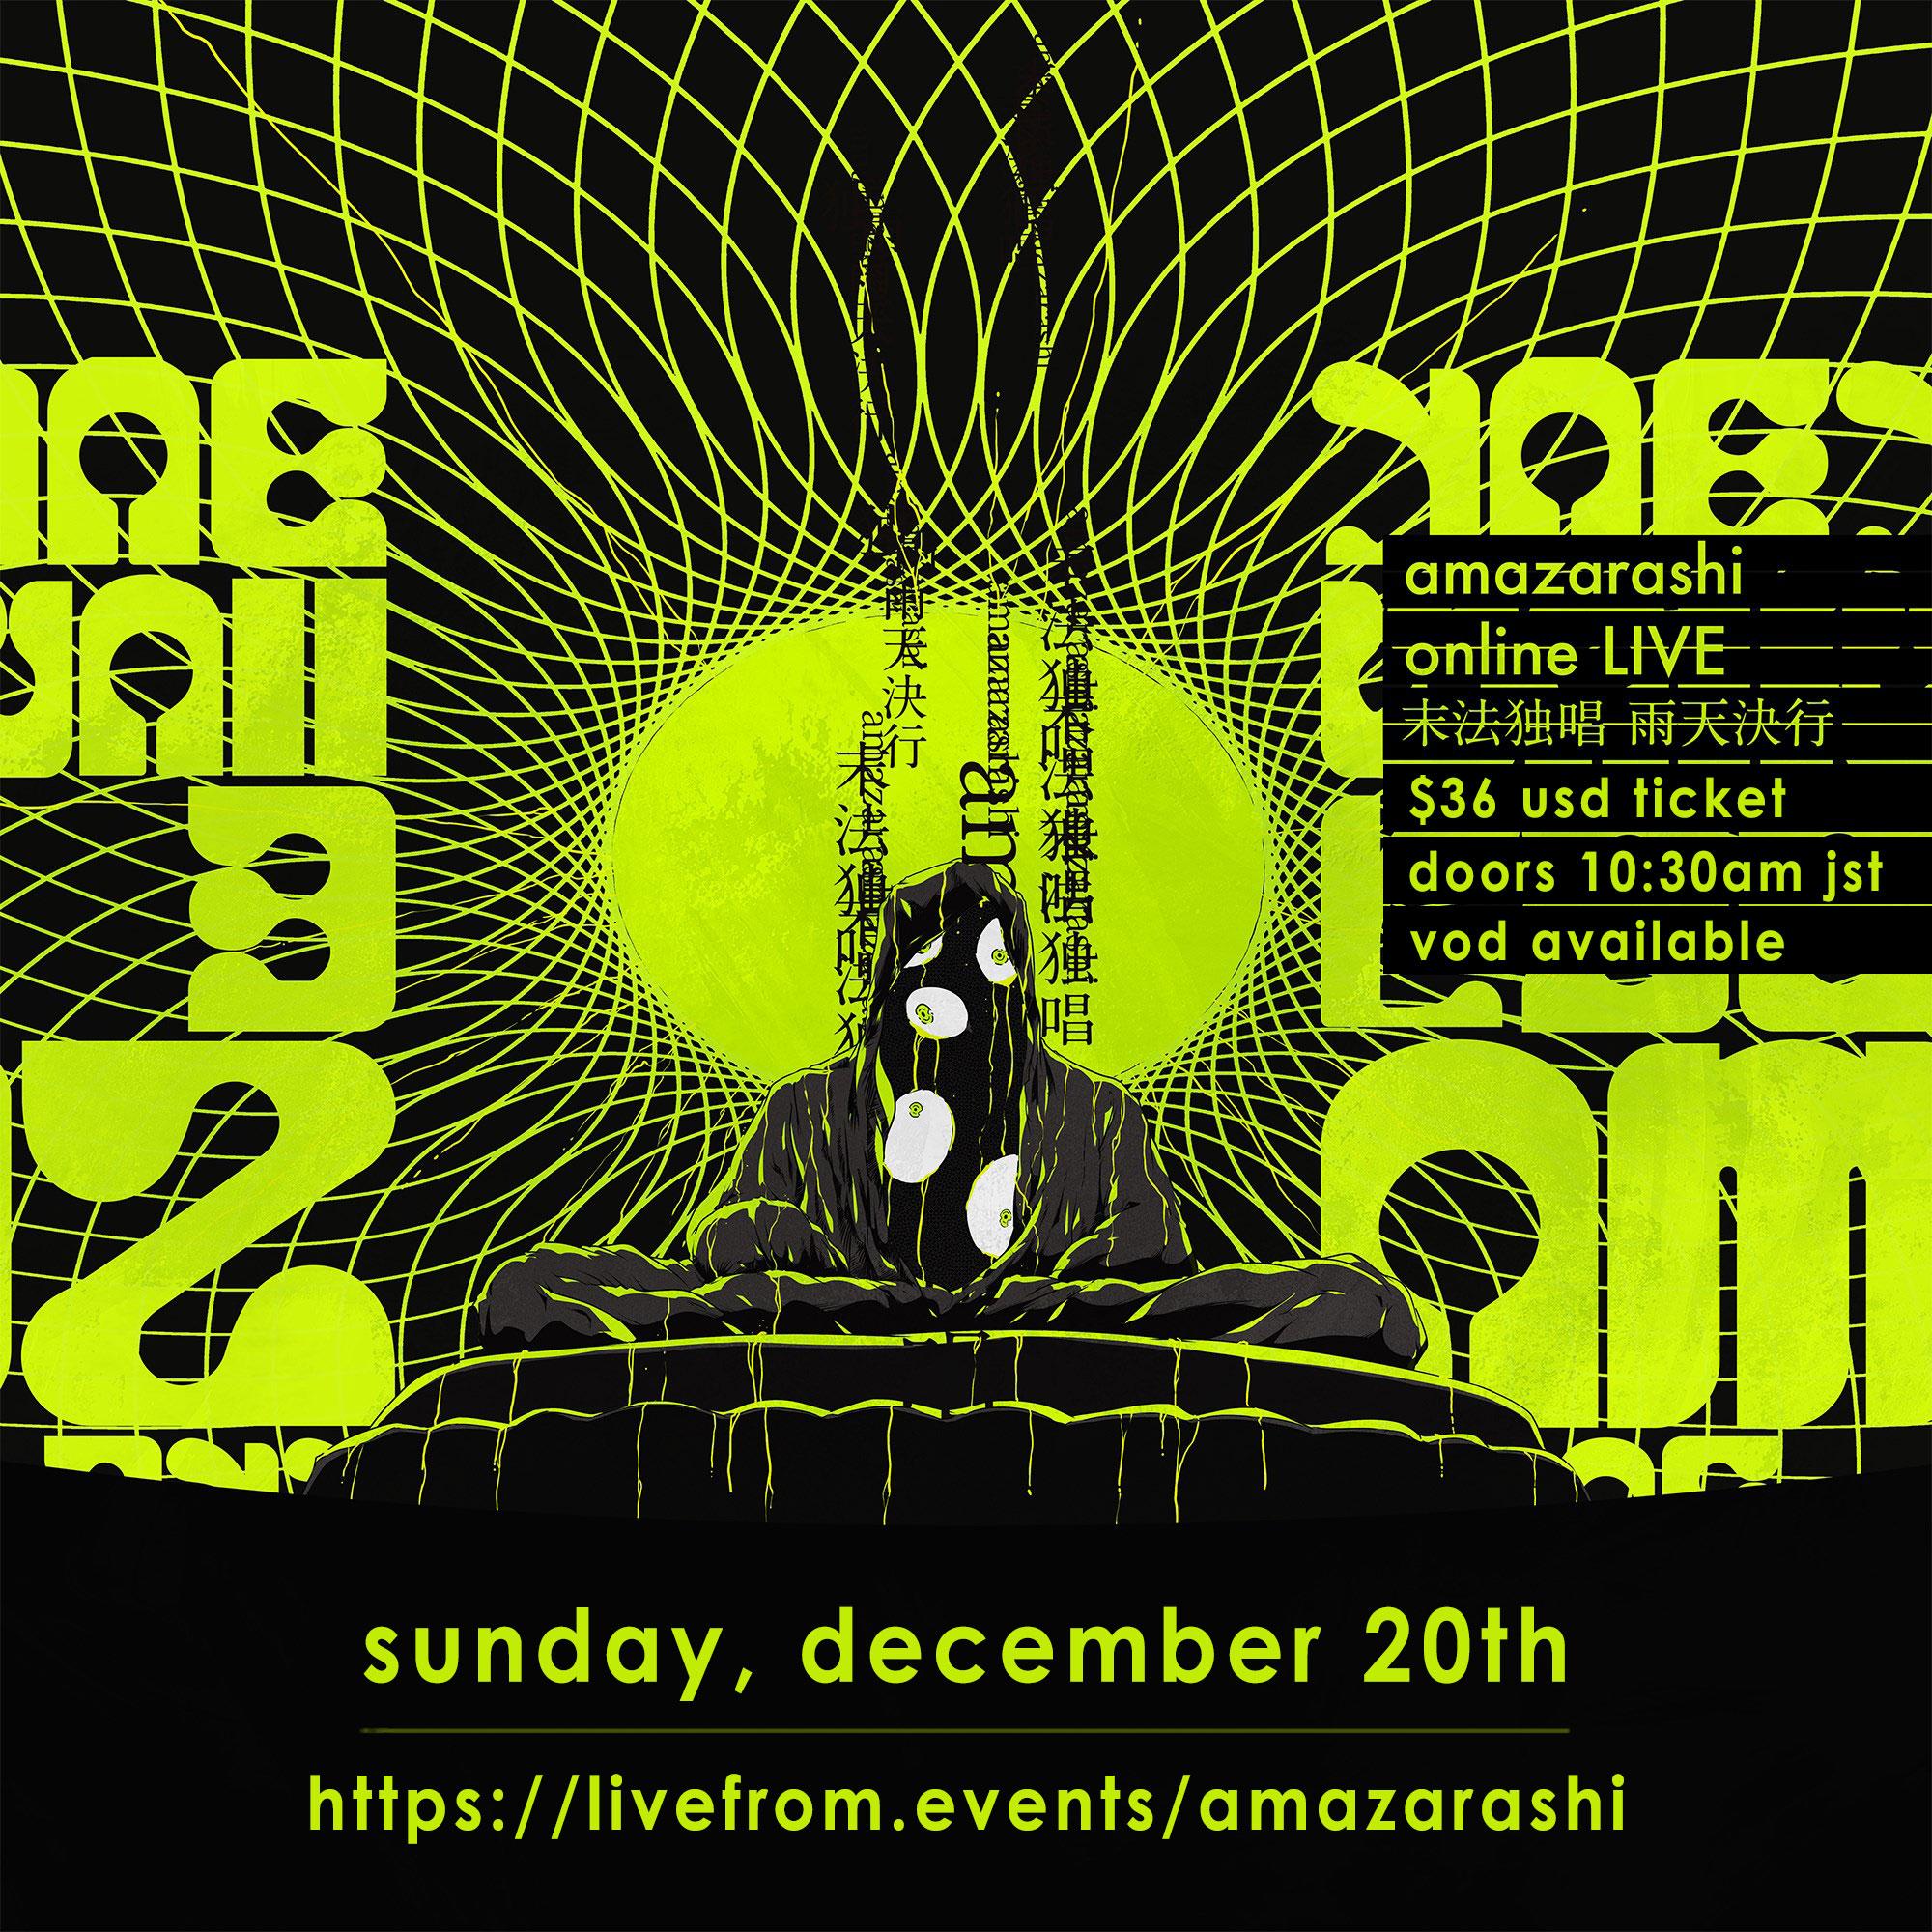 amazarashi online live 2020